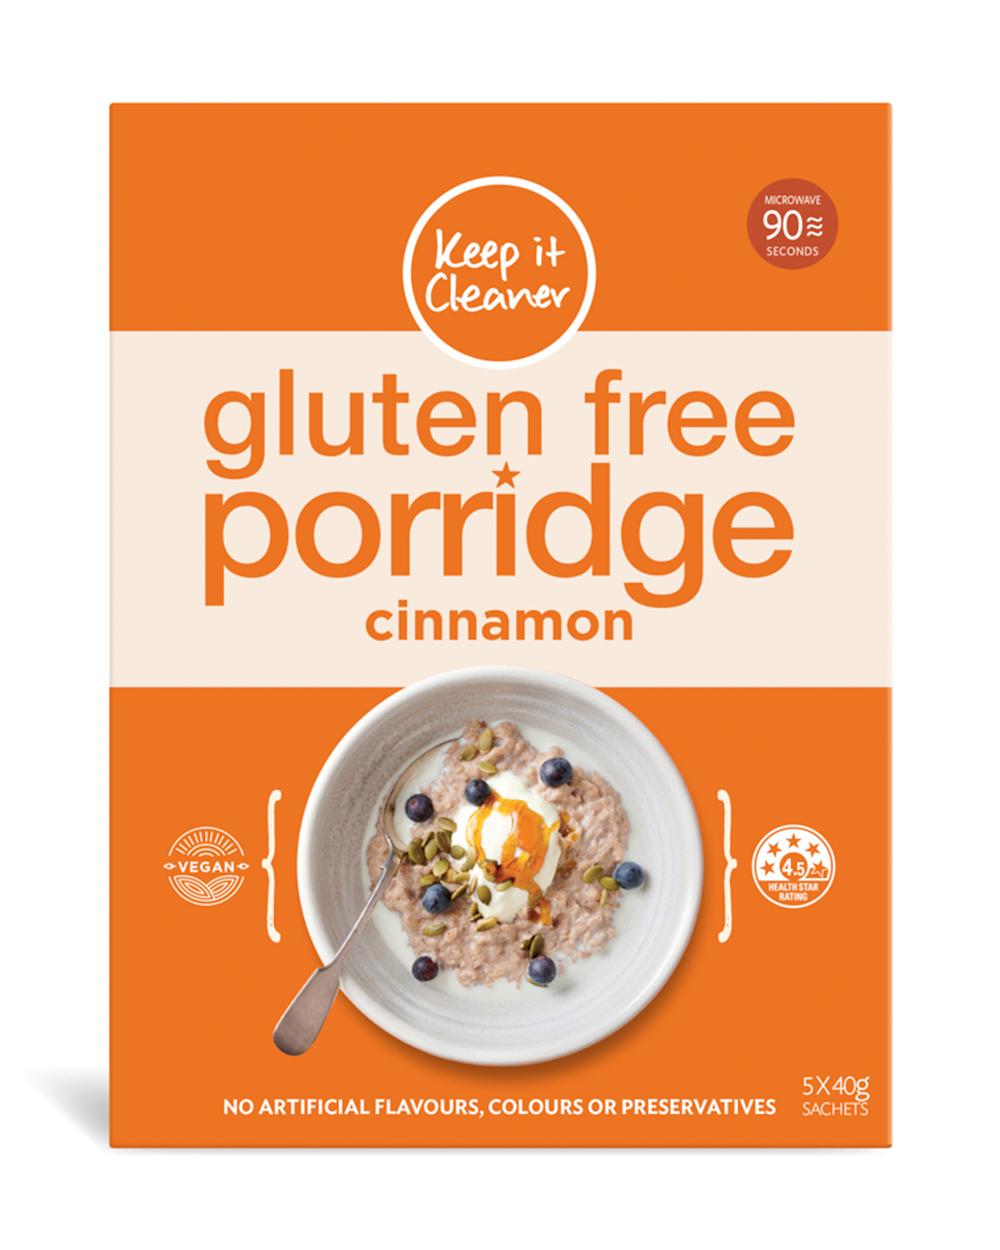 _0023_KIC Porridge Cinnamon.jpg